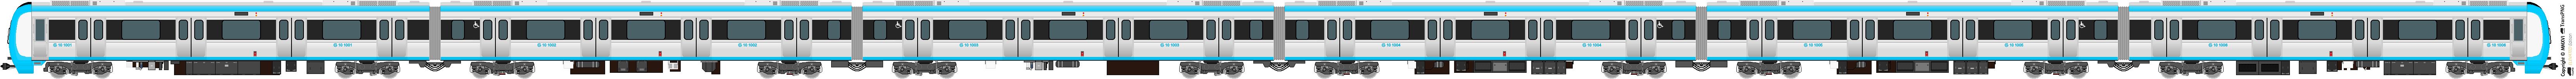 鐵路列車 5563